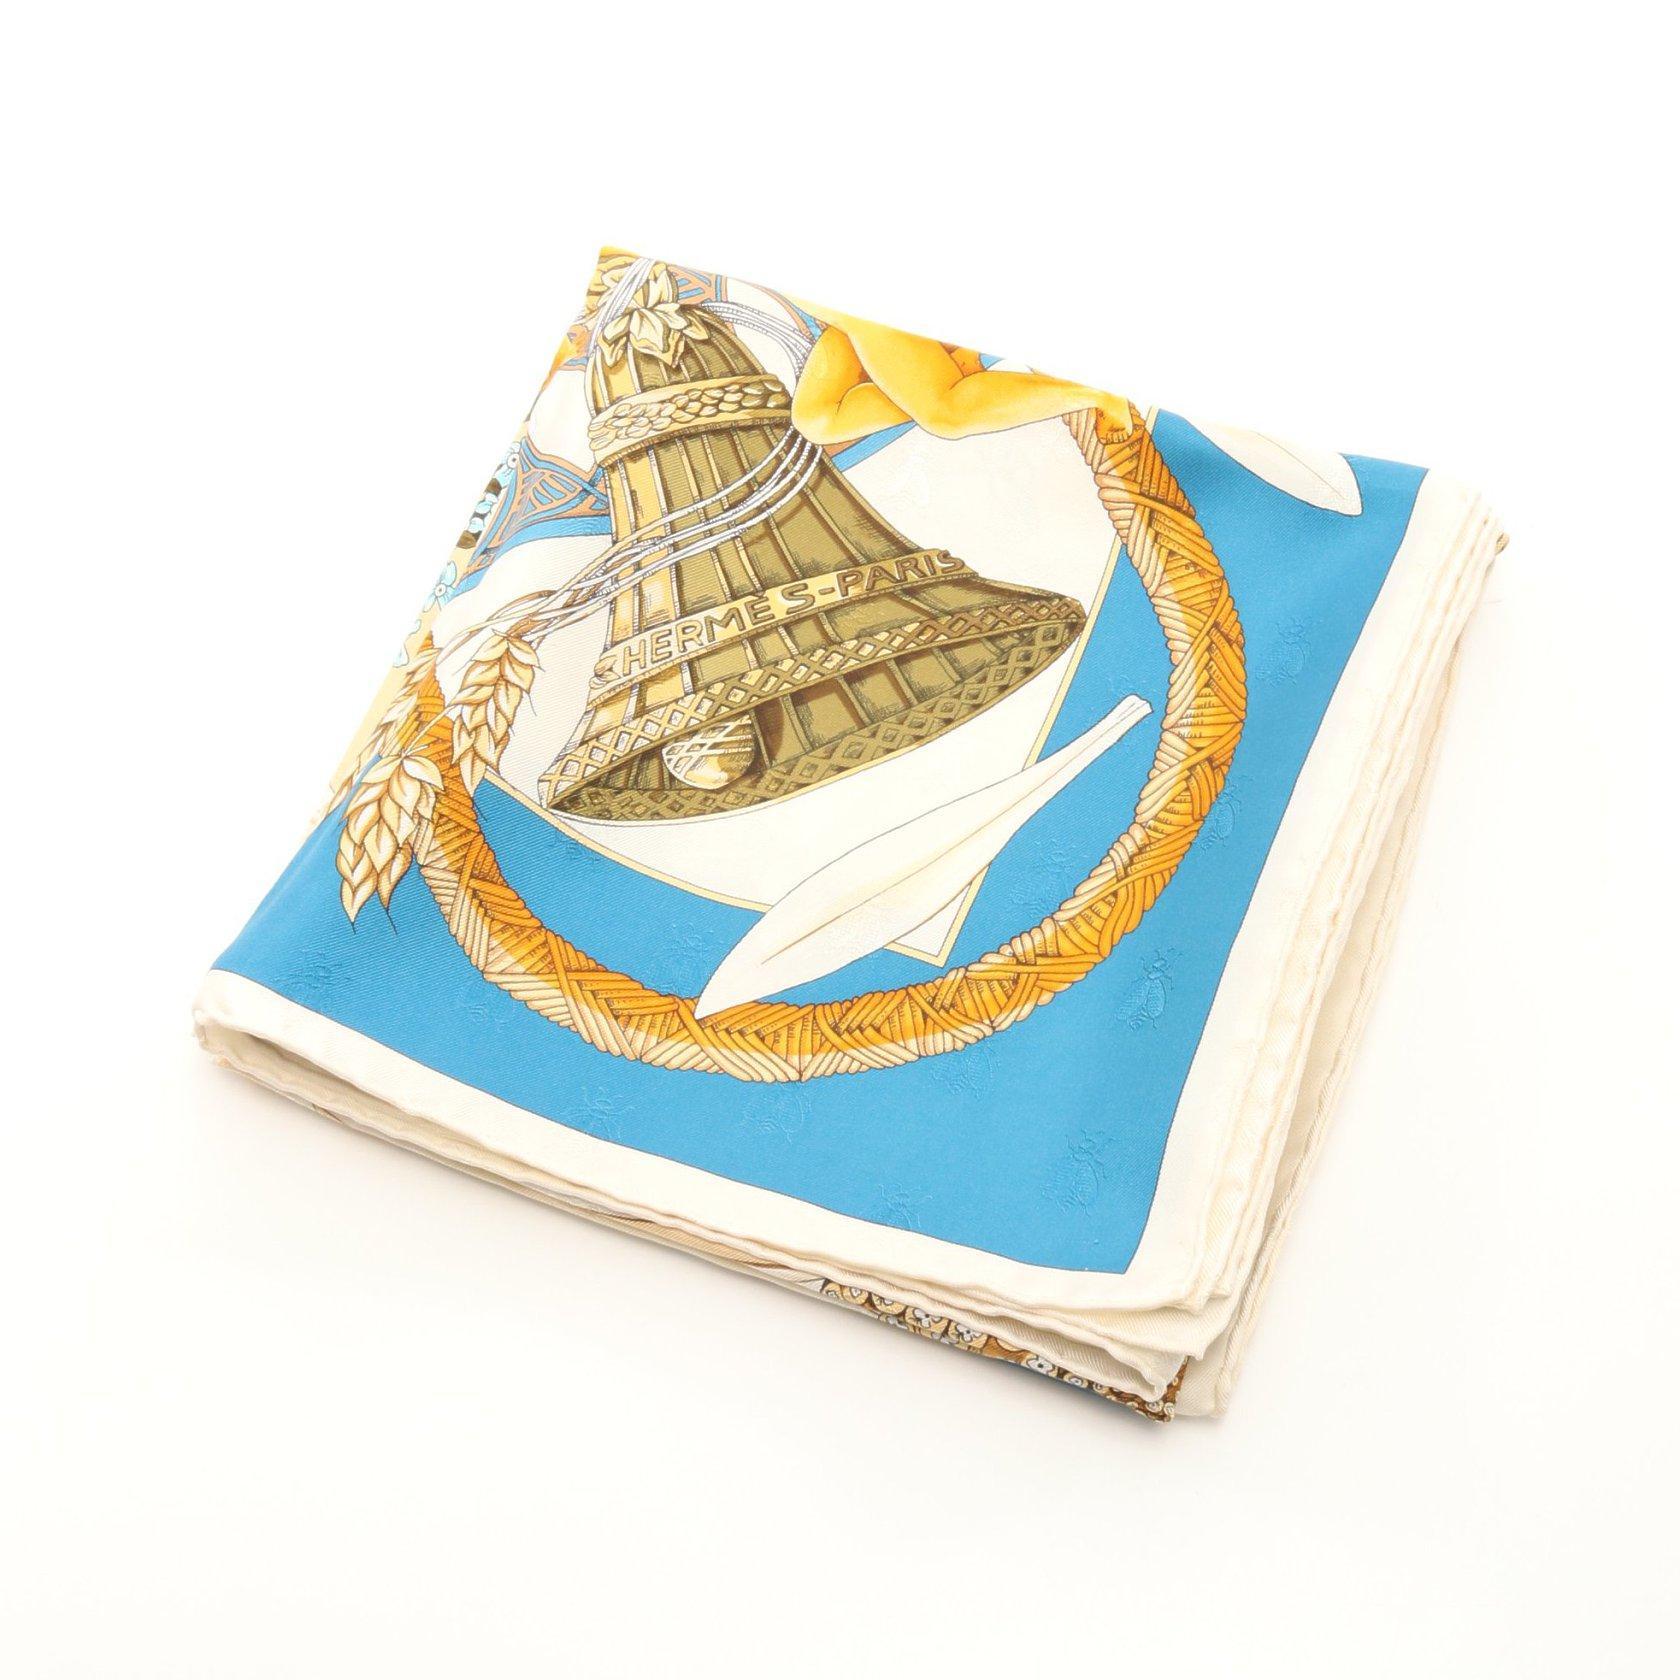 HERMES・財布・小物・カレ90 「Je T'aime Beaucoup Passionnement Un Peu」 スカーフ シルク アイボリー ブルー マルチカラー